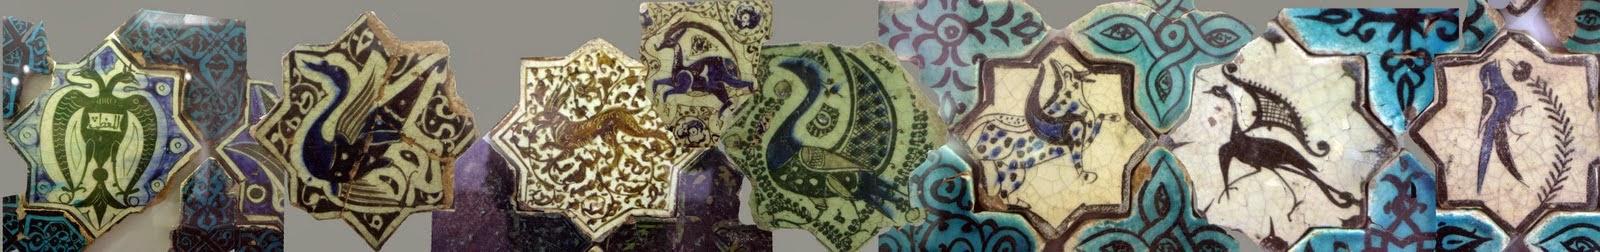 Karatay Medresesi Çini Eserleri